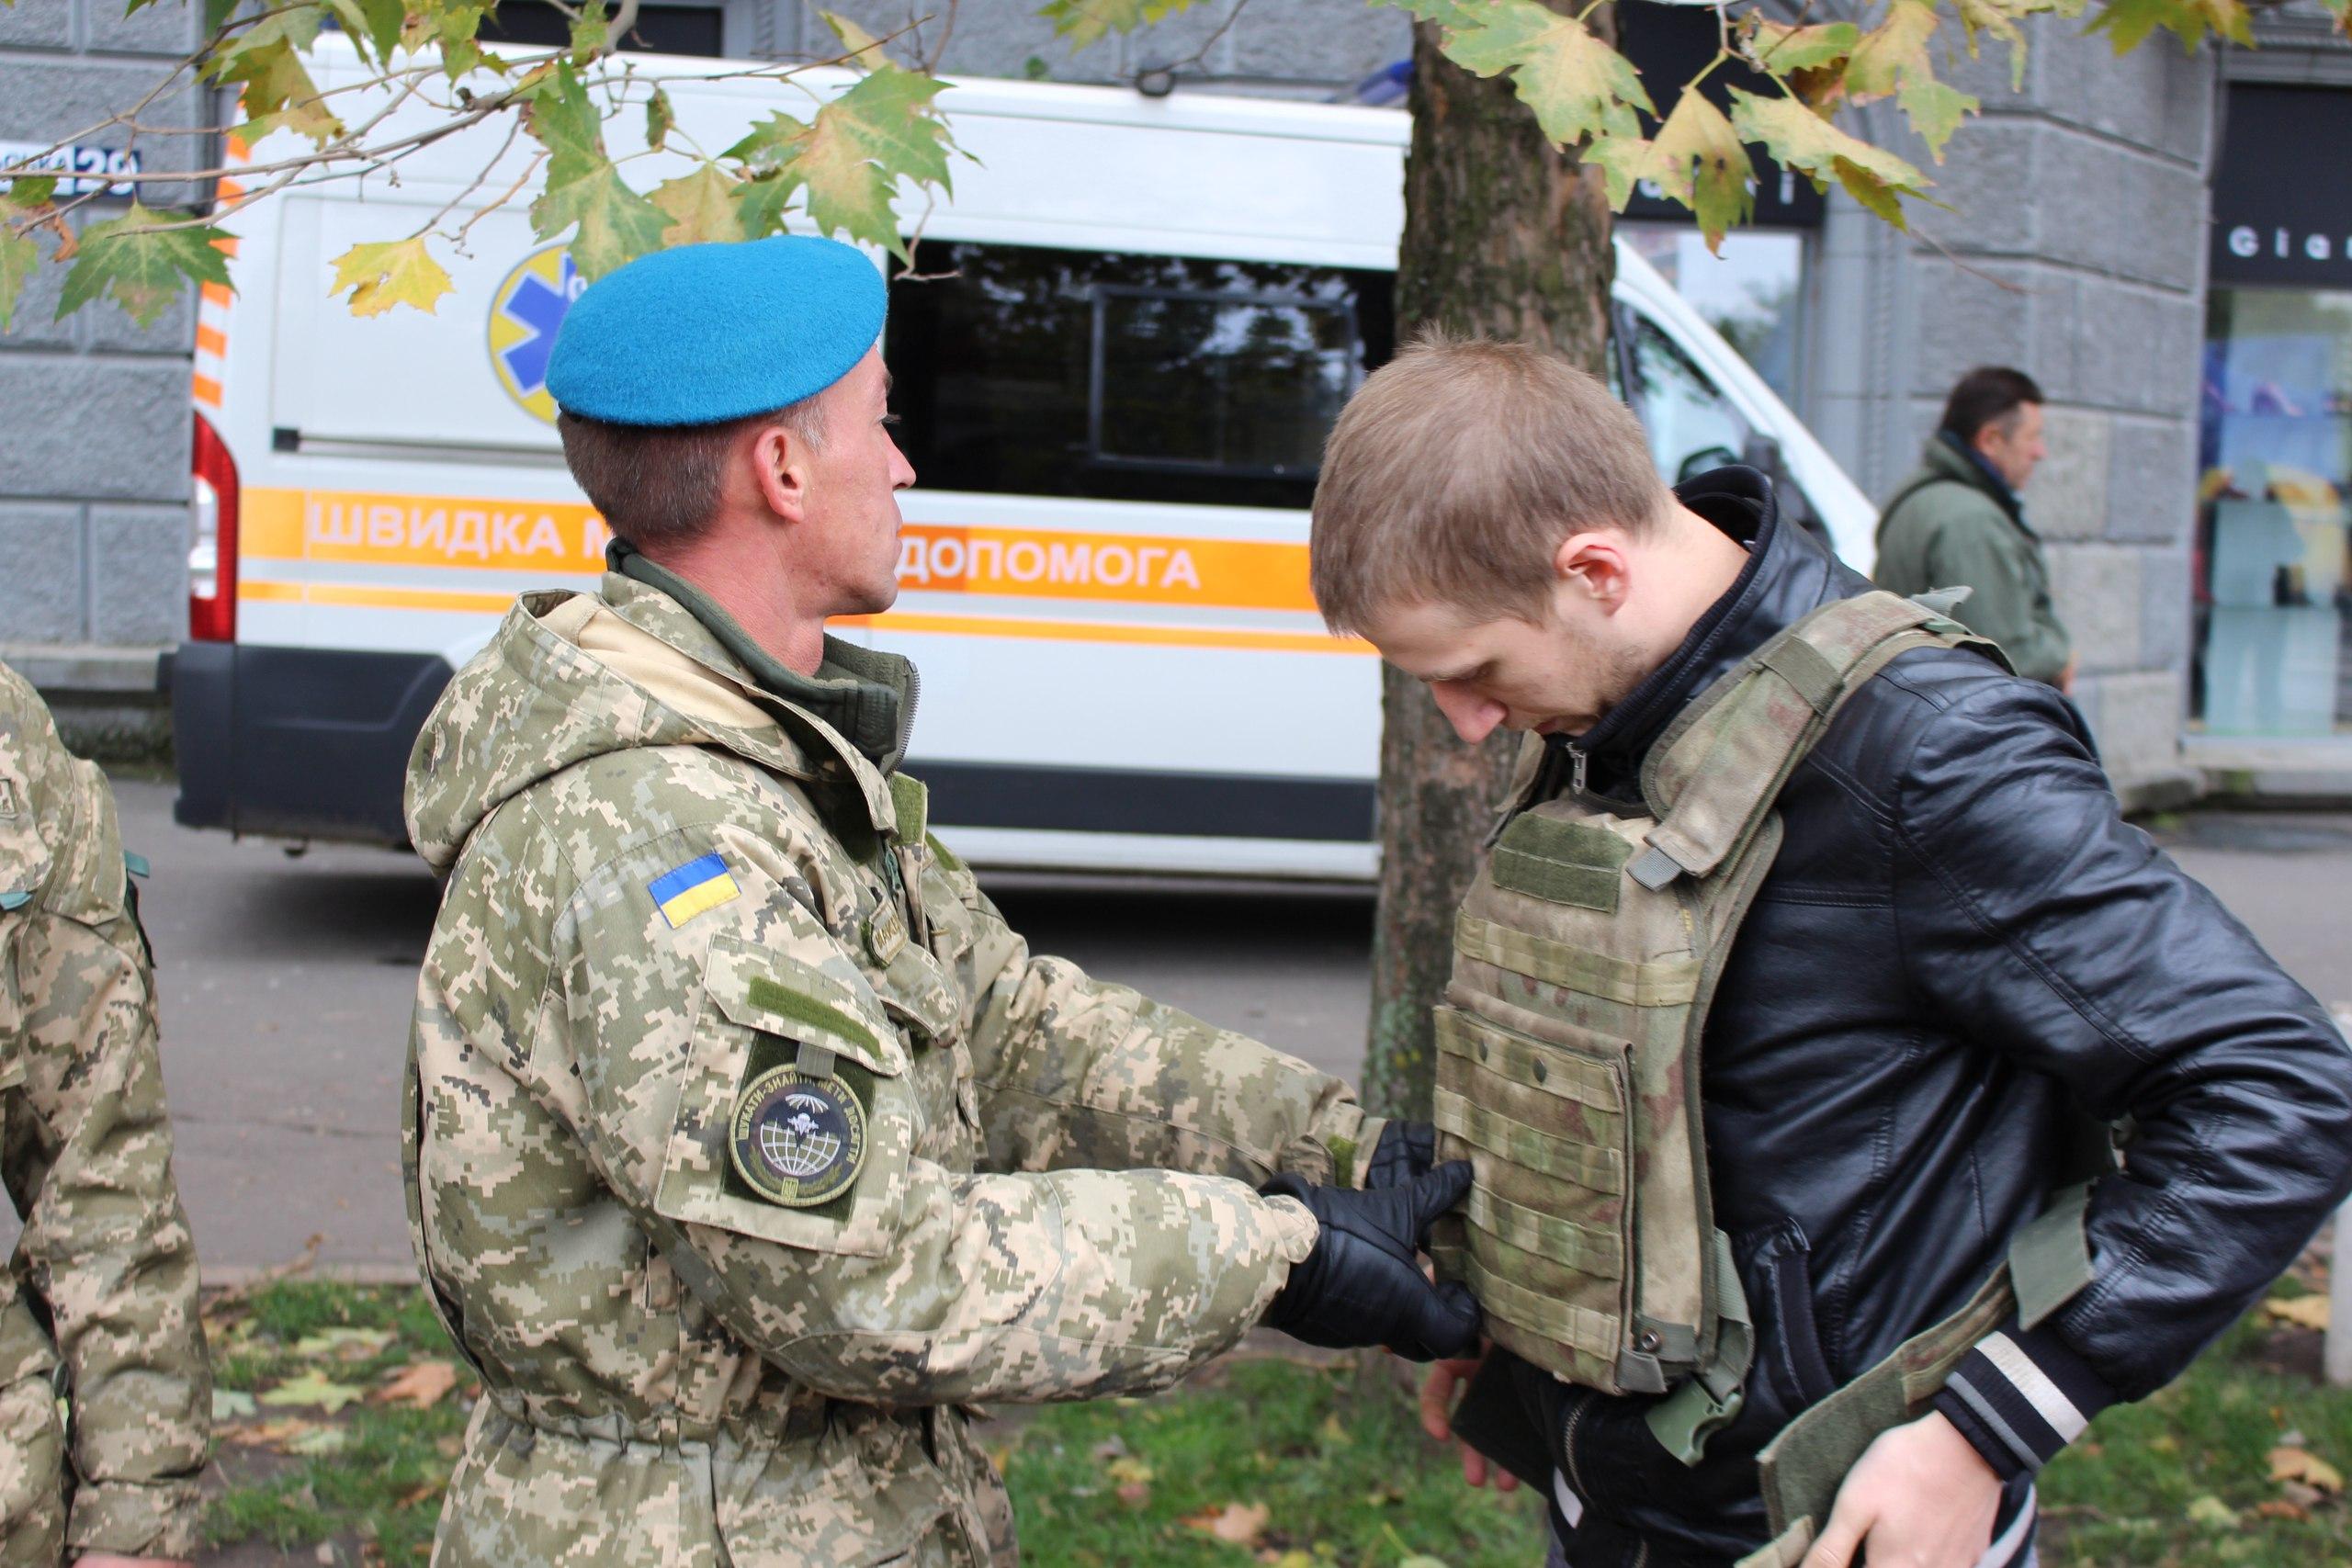 Миколаївці відсвяткували Покрову виставкою військової та рятувальної техінки